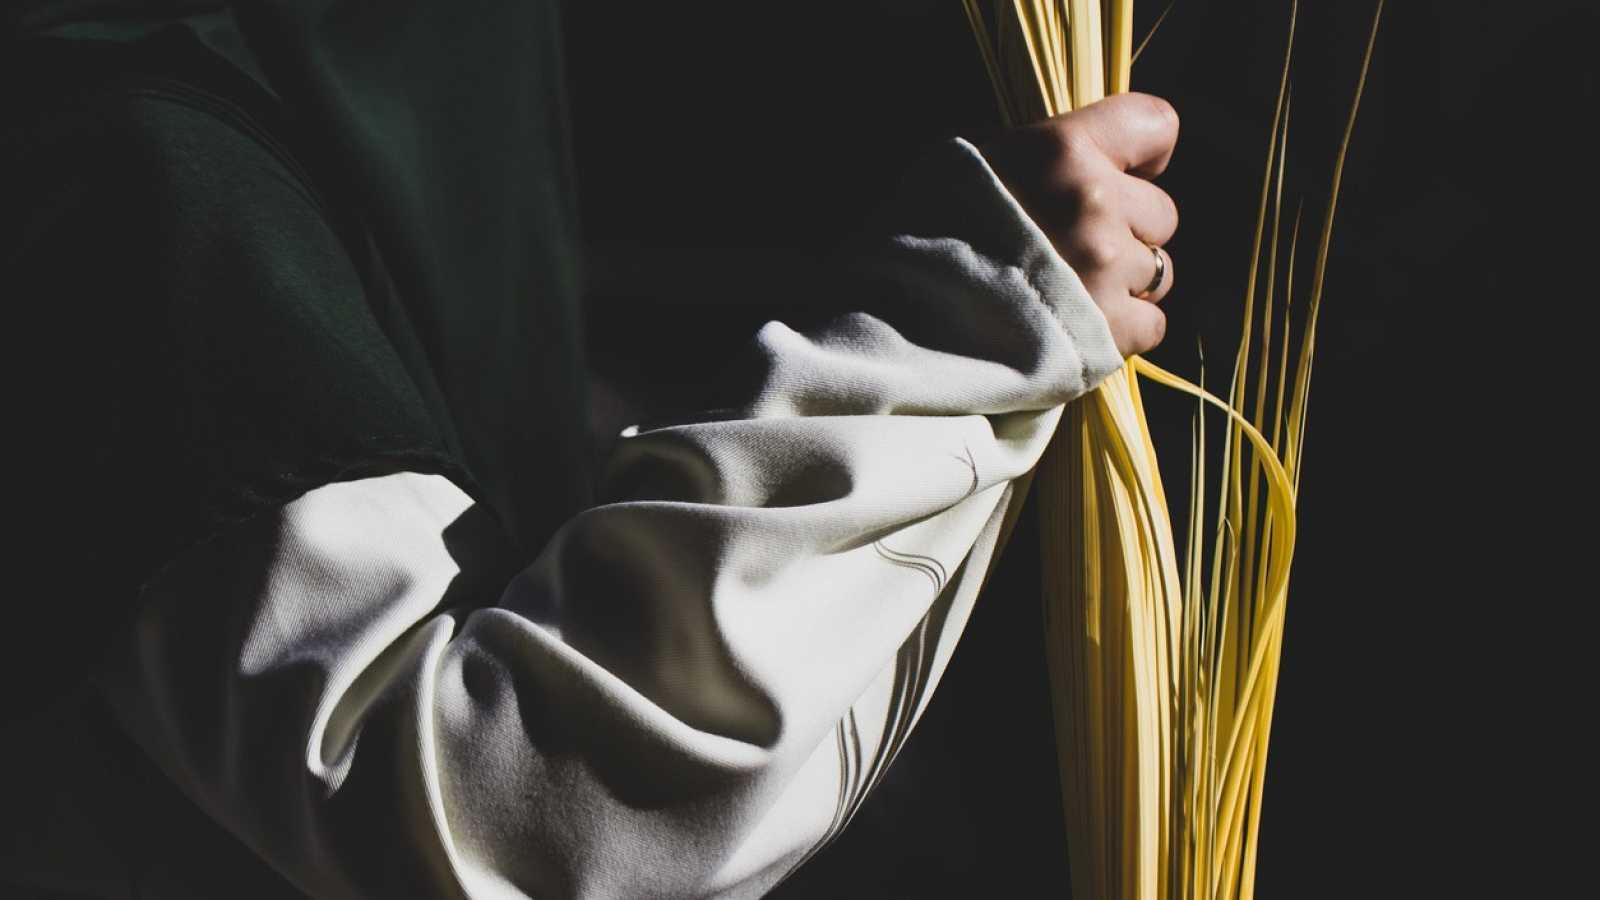 Músicas de tradición oral - Hoy es Domingo de Ramos - 25/03/18 - escuchar ahora